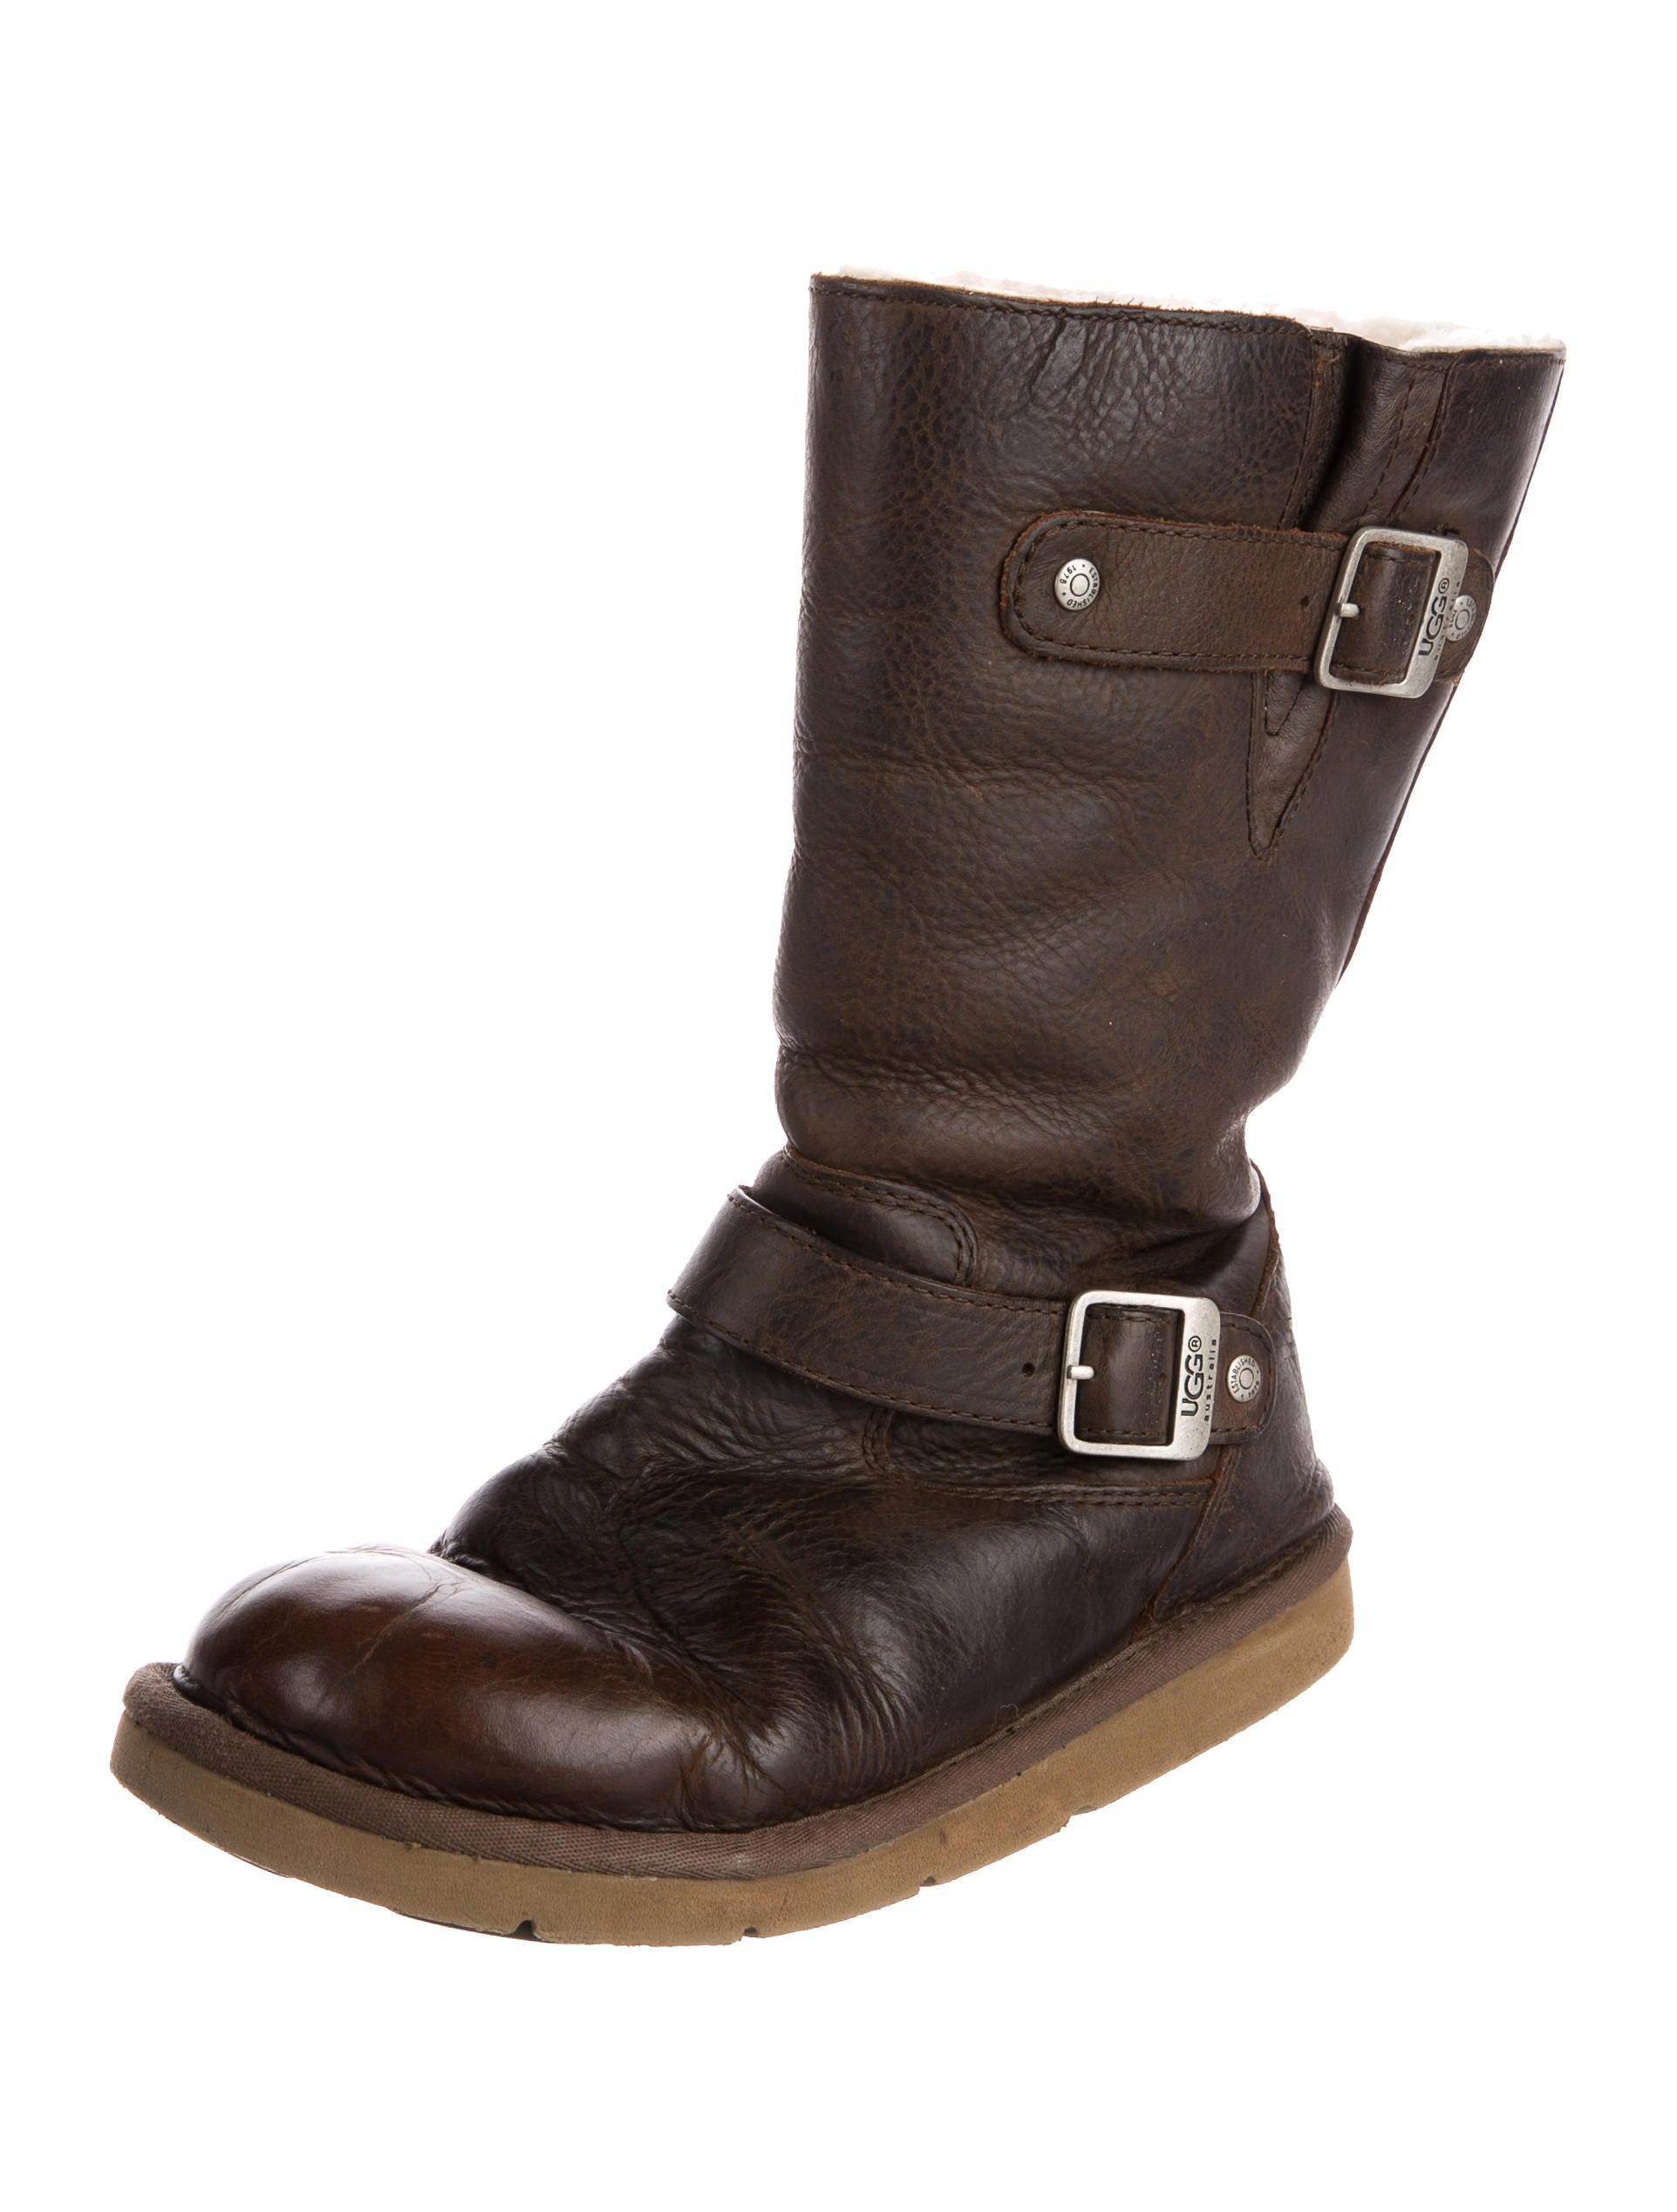 b6f948a4656 Ugg Boots Australia Sheepskin | MIT Hillel